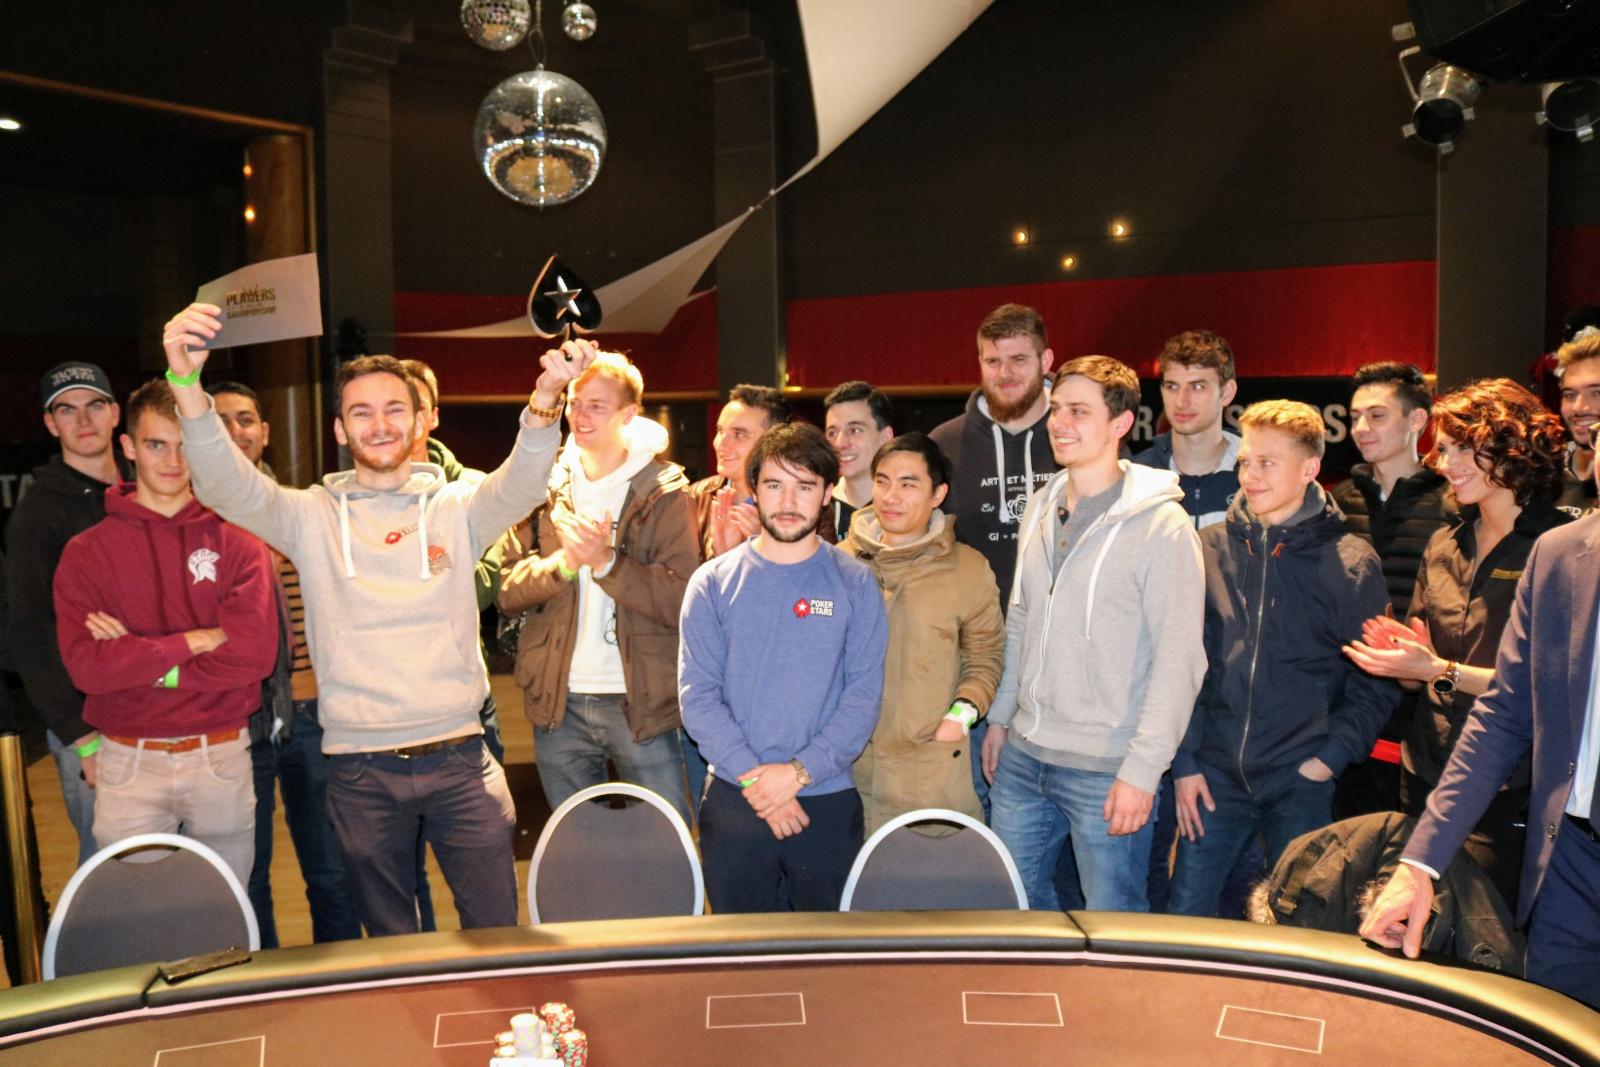 Freerolls, un tournoi de poker 100% gratuit